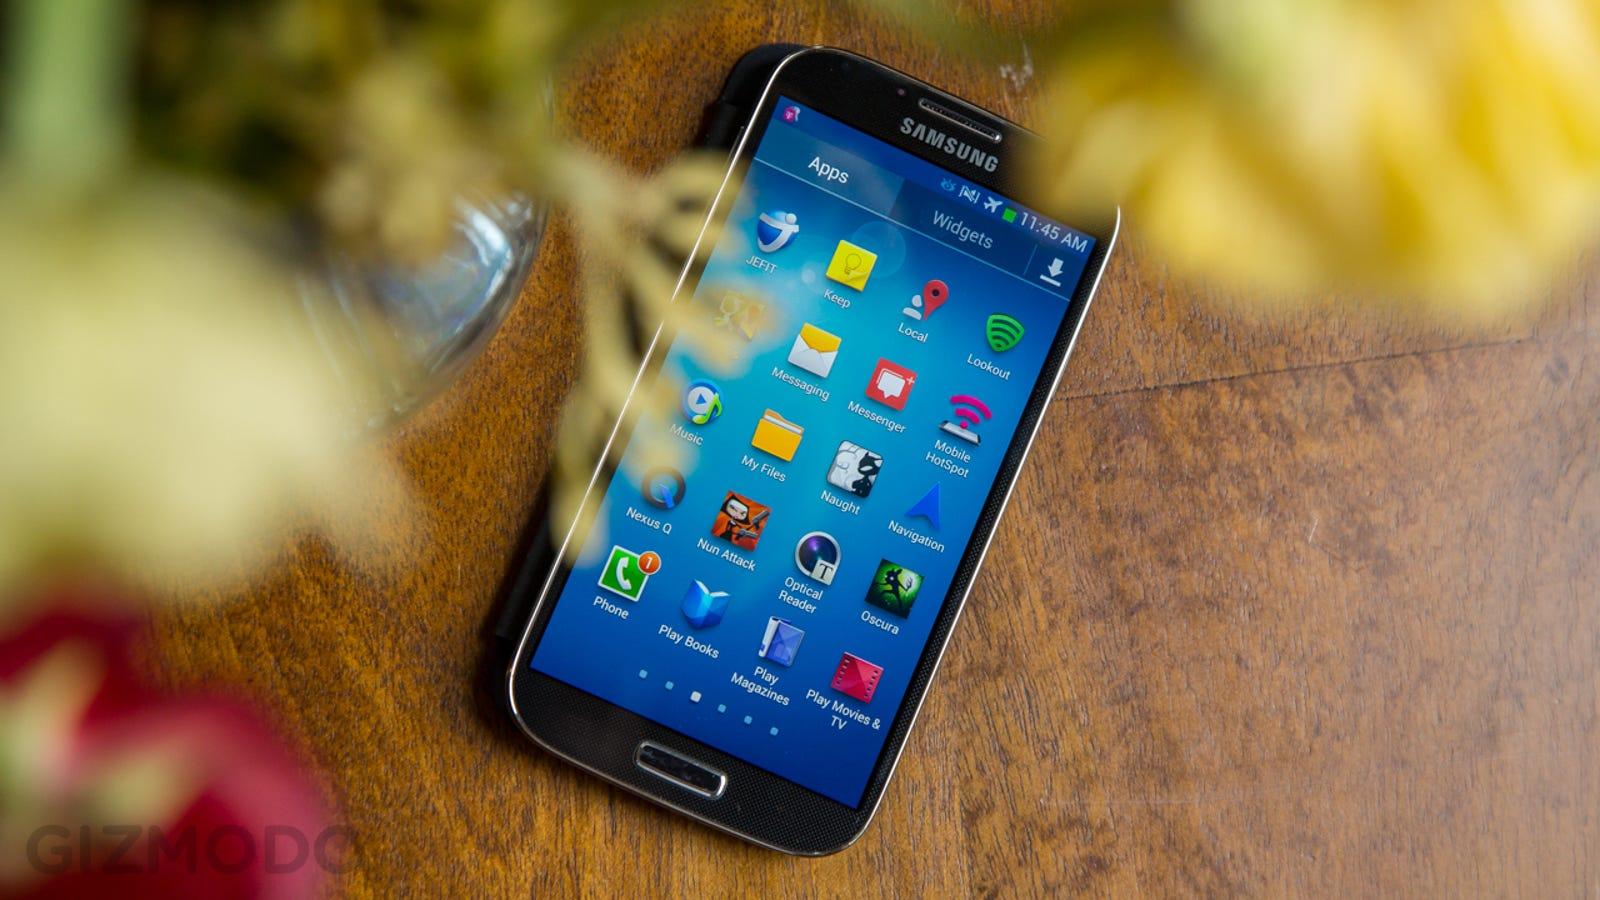 Samsung Galaxy S4, análisis: mejor, pero no el mejor